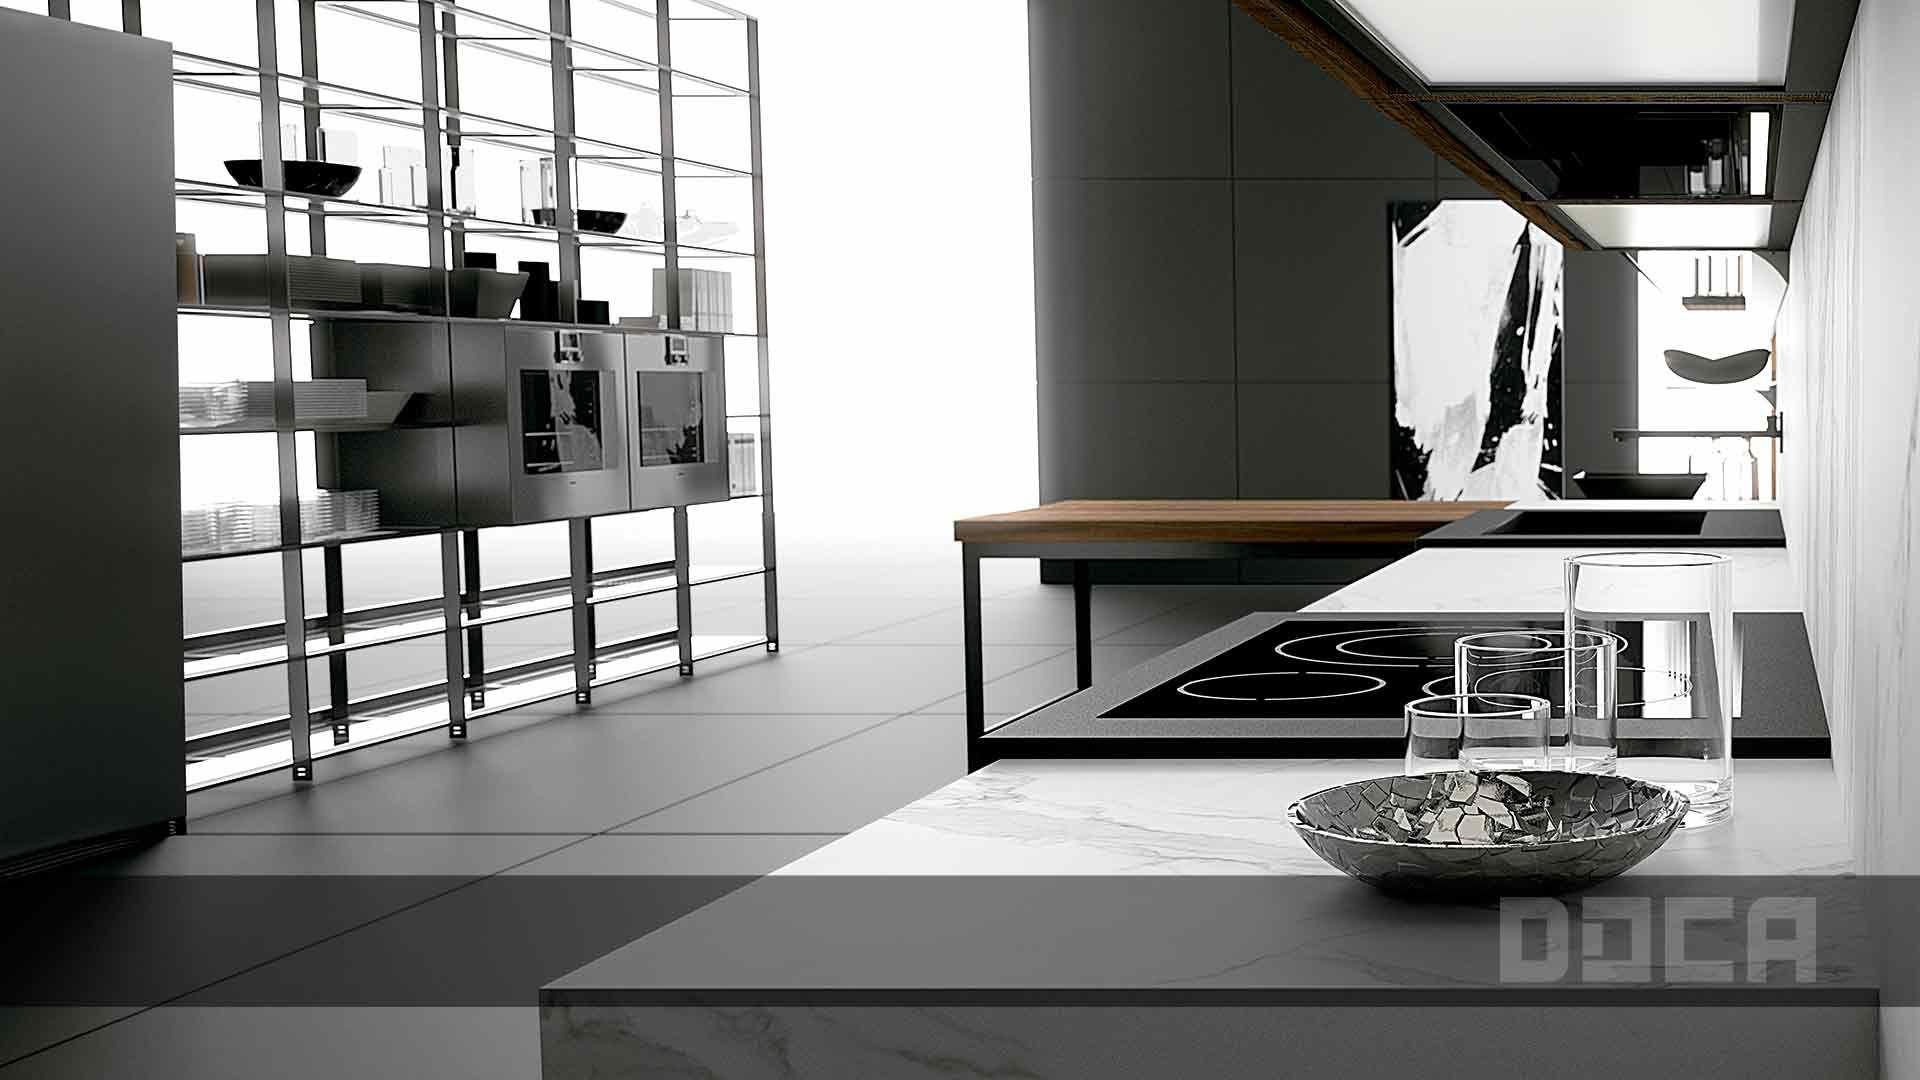 Cucina componibile sr nogal 5n luxury stone artemis by doca for Artemis muebles